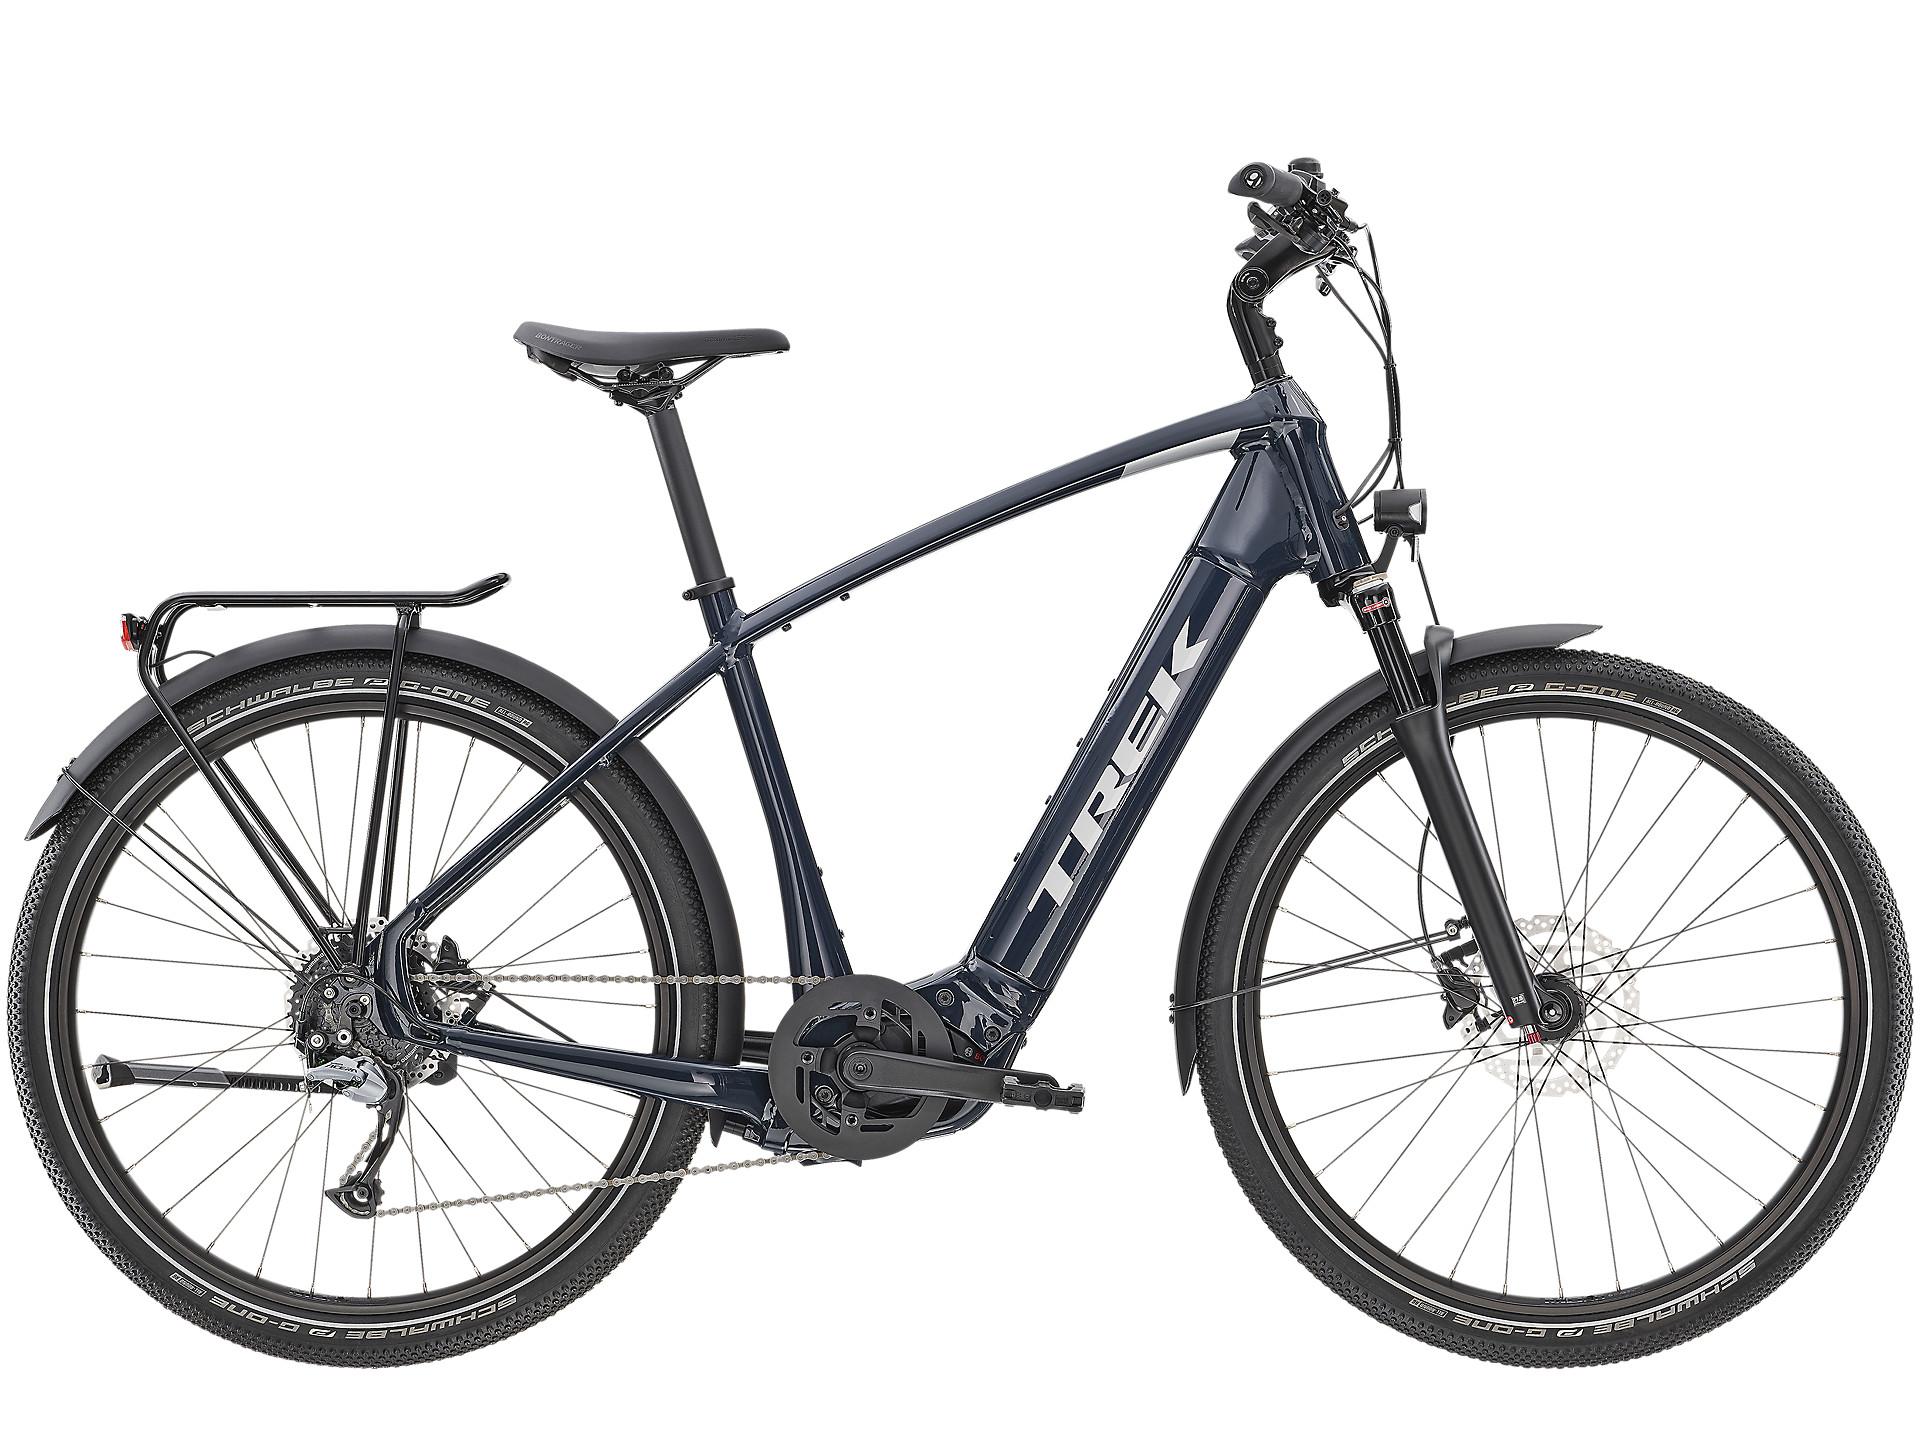 Allant+ 7 Lowstep | Trek Bikes (GB)